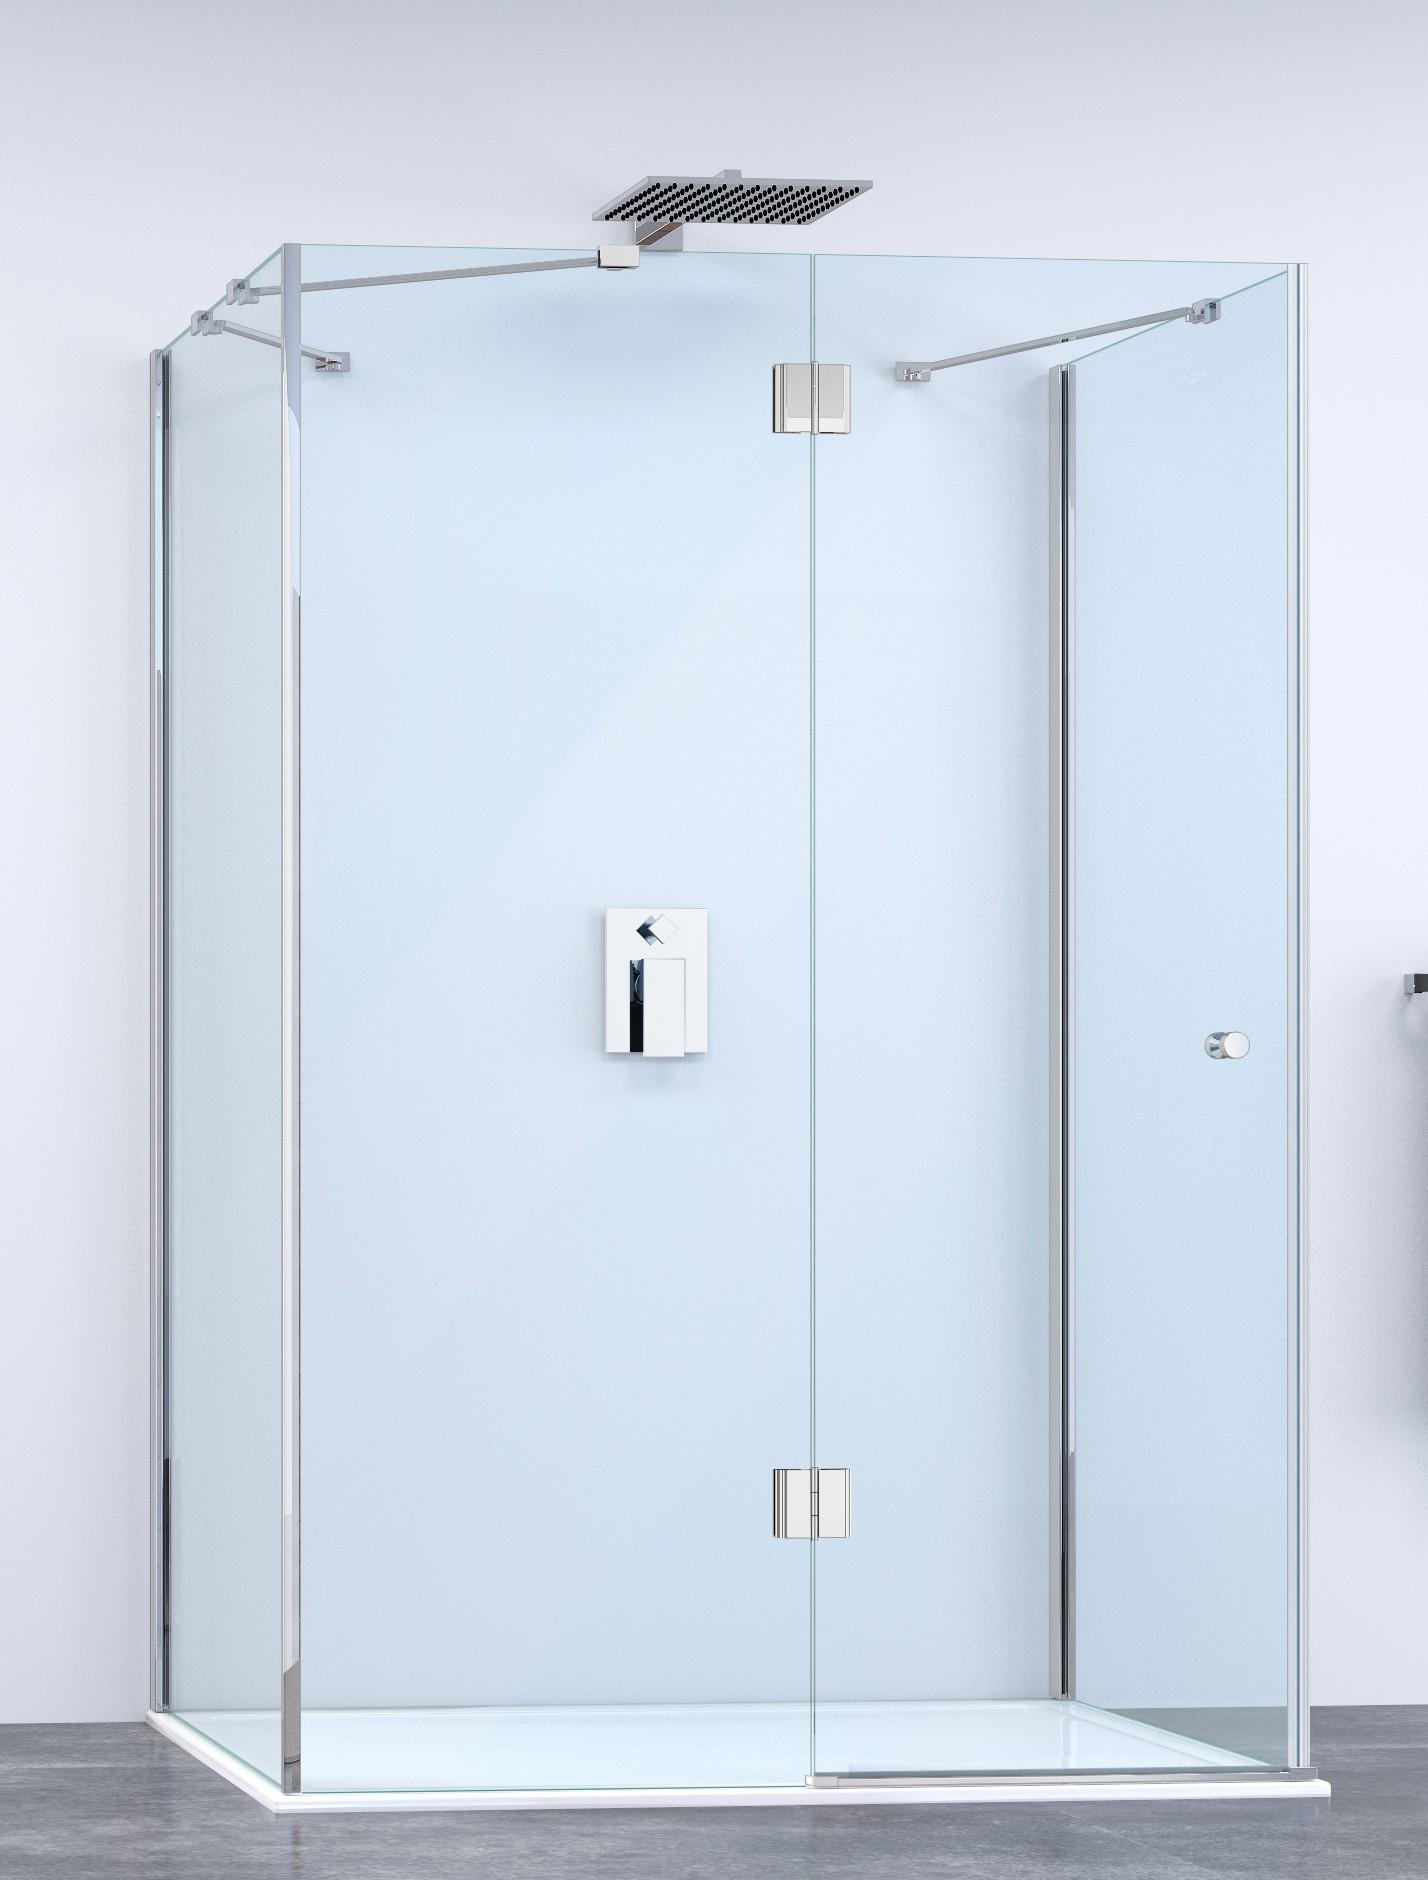 Box doccia vendita online, cabine doccia offerte prezzi migliori